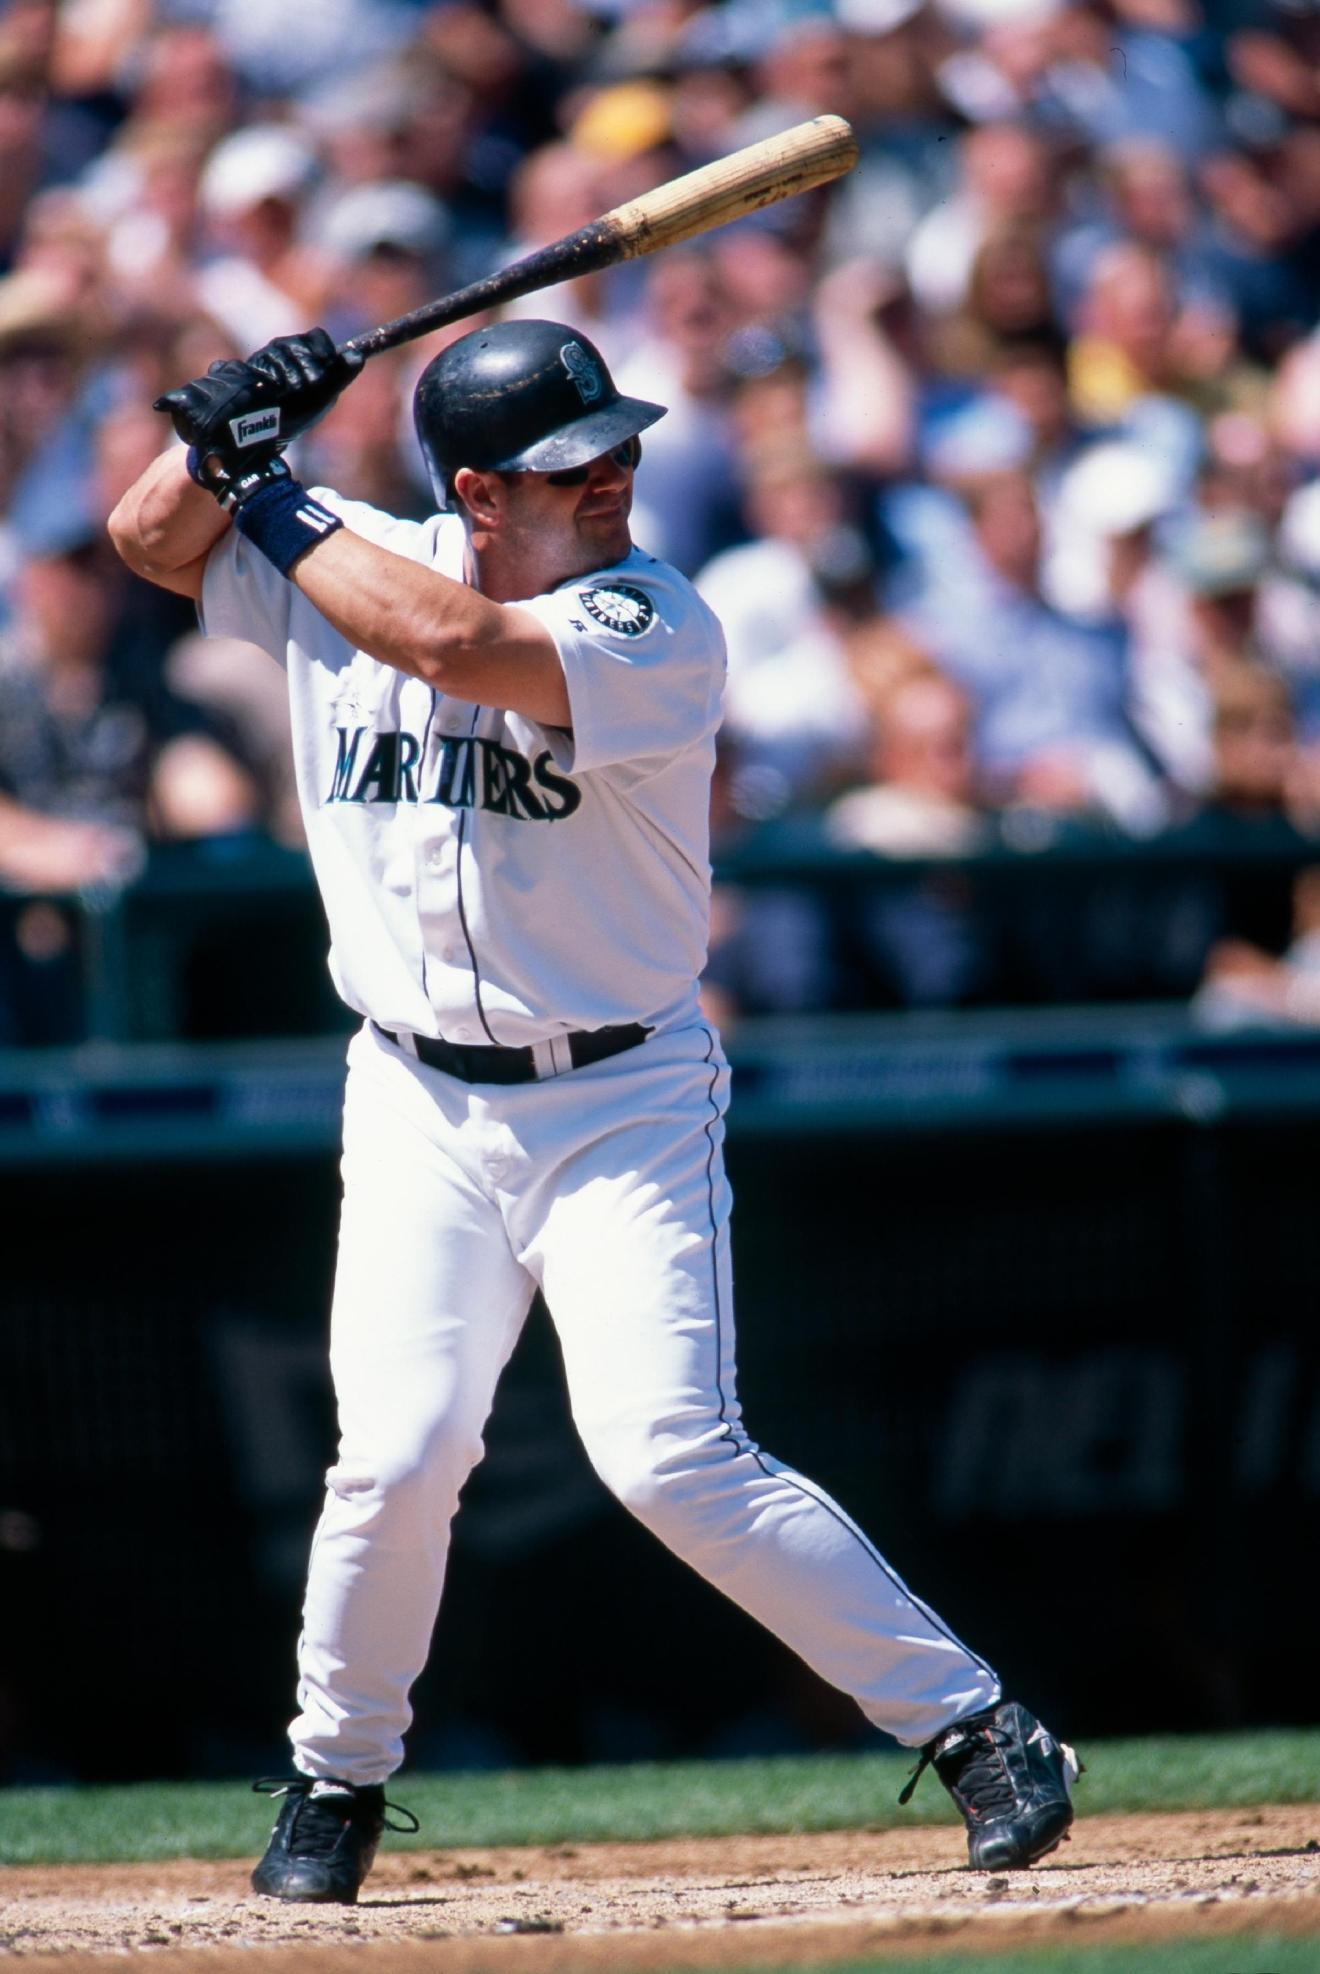 Edgar Martinez Misses Baseball Hall Of Fame Again Kval